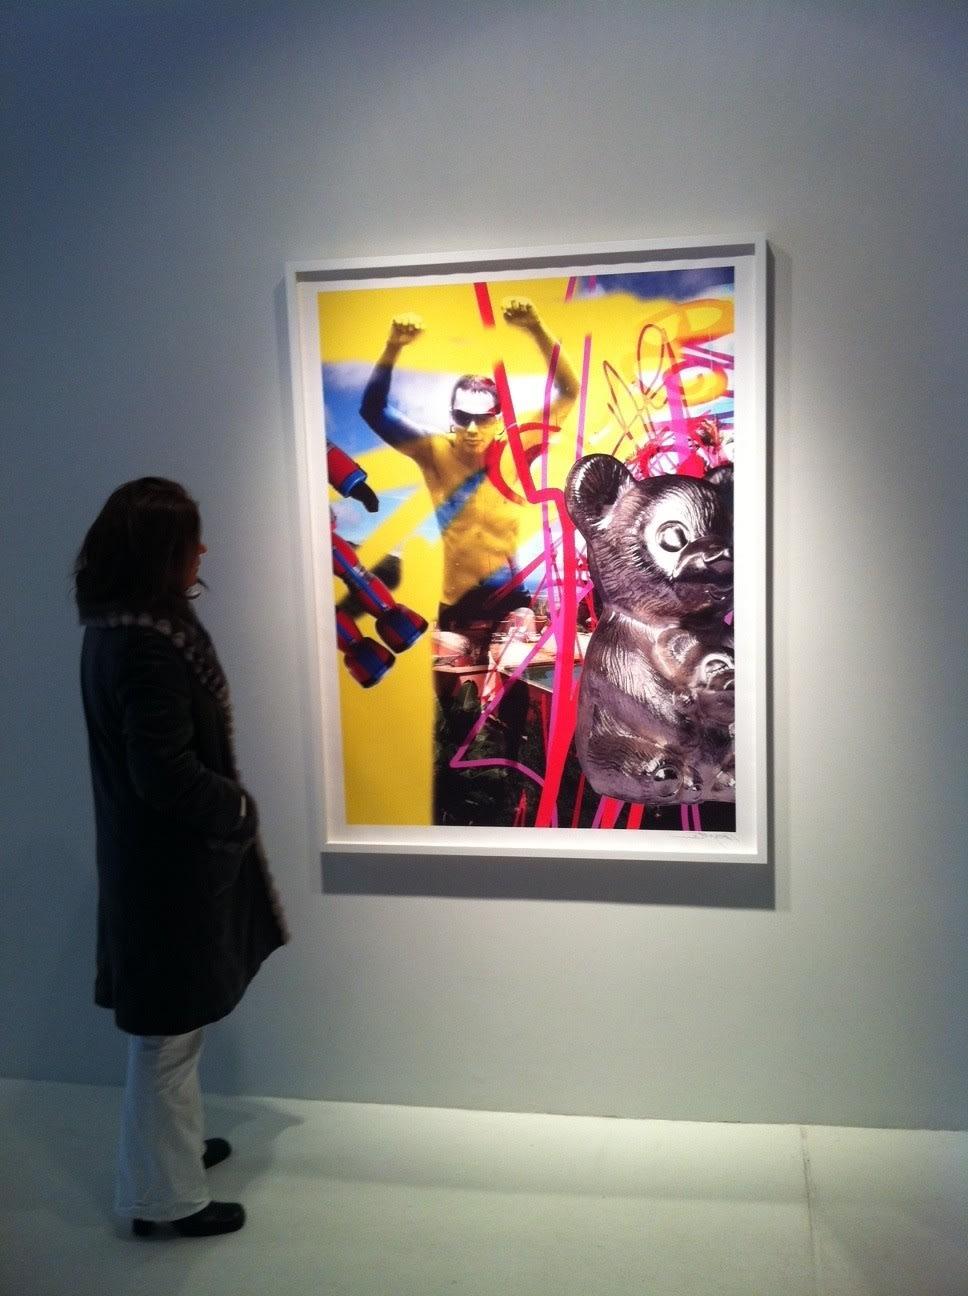 2010 Portrait Of A Dream Exhibitneworleanscarlosbetancourt00105